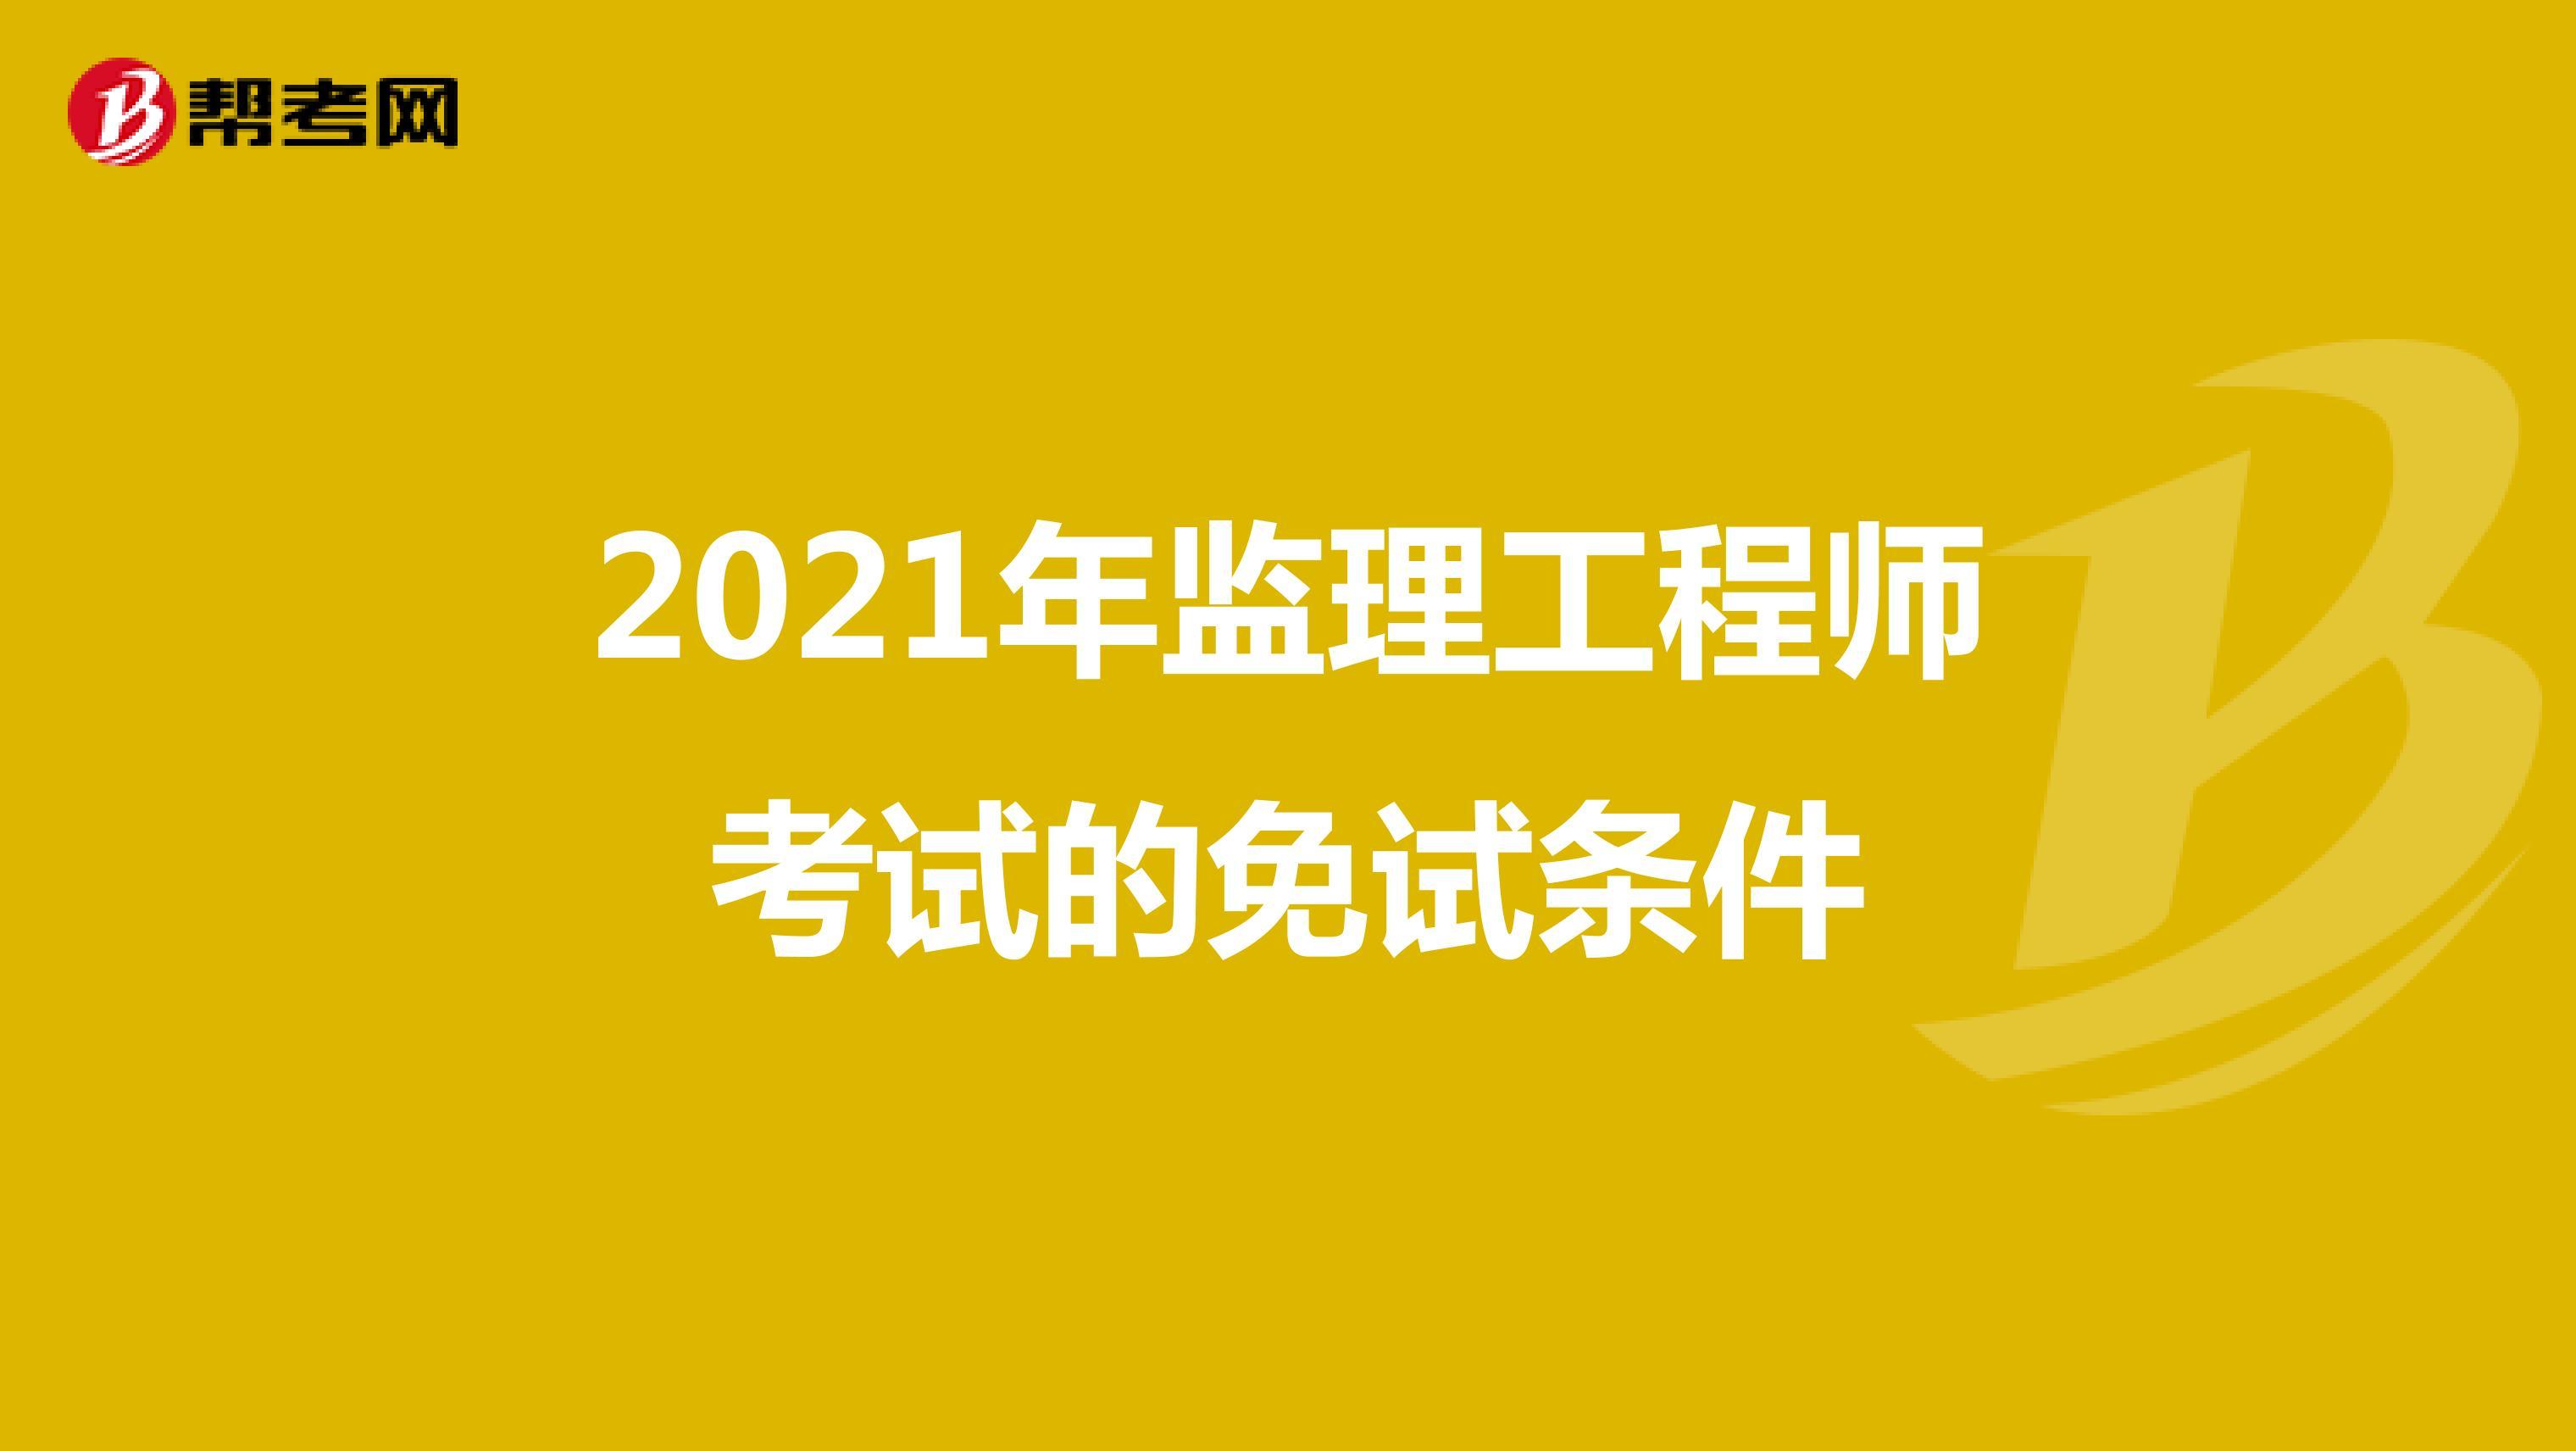 2021年监理工程师考试的免试条件